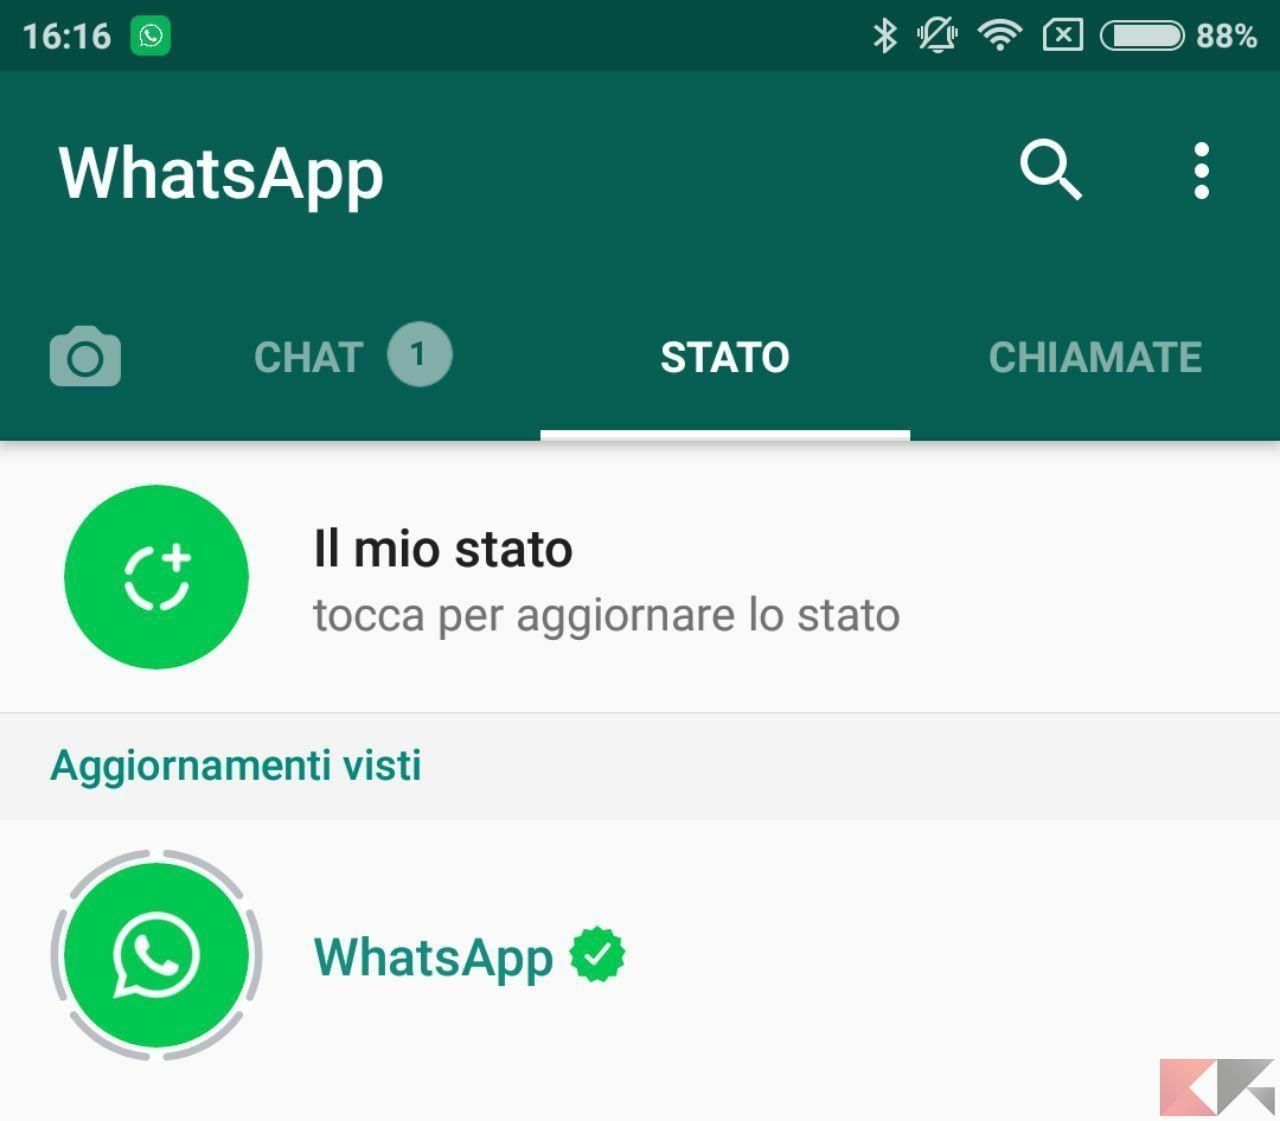 Stato di WhatsApp